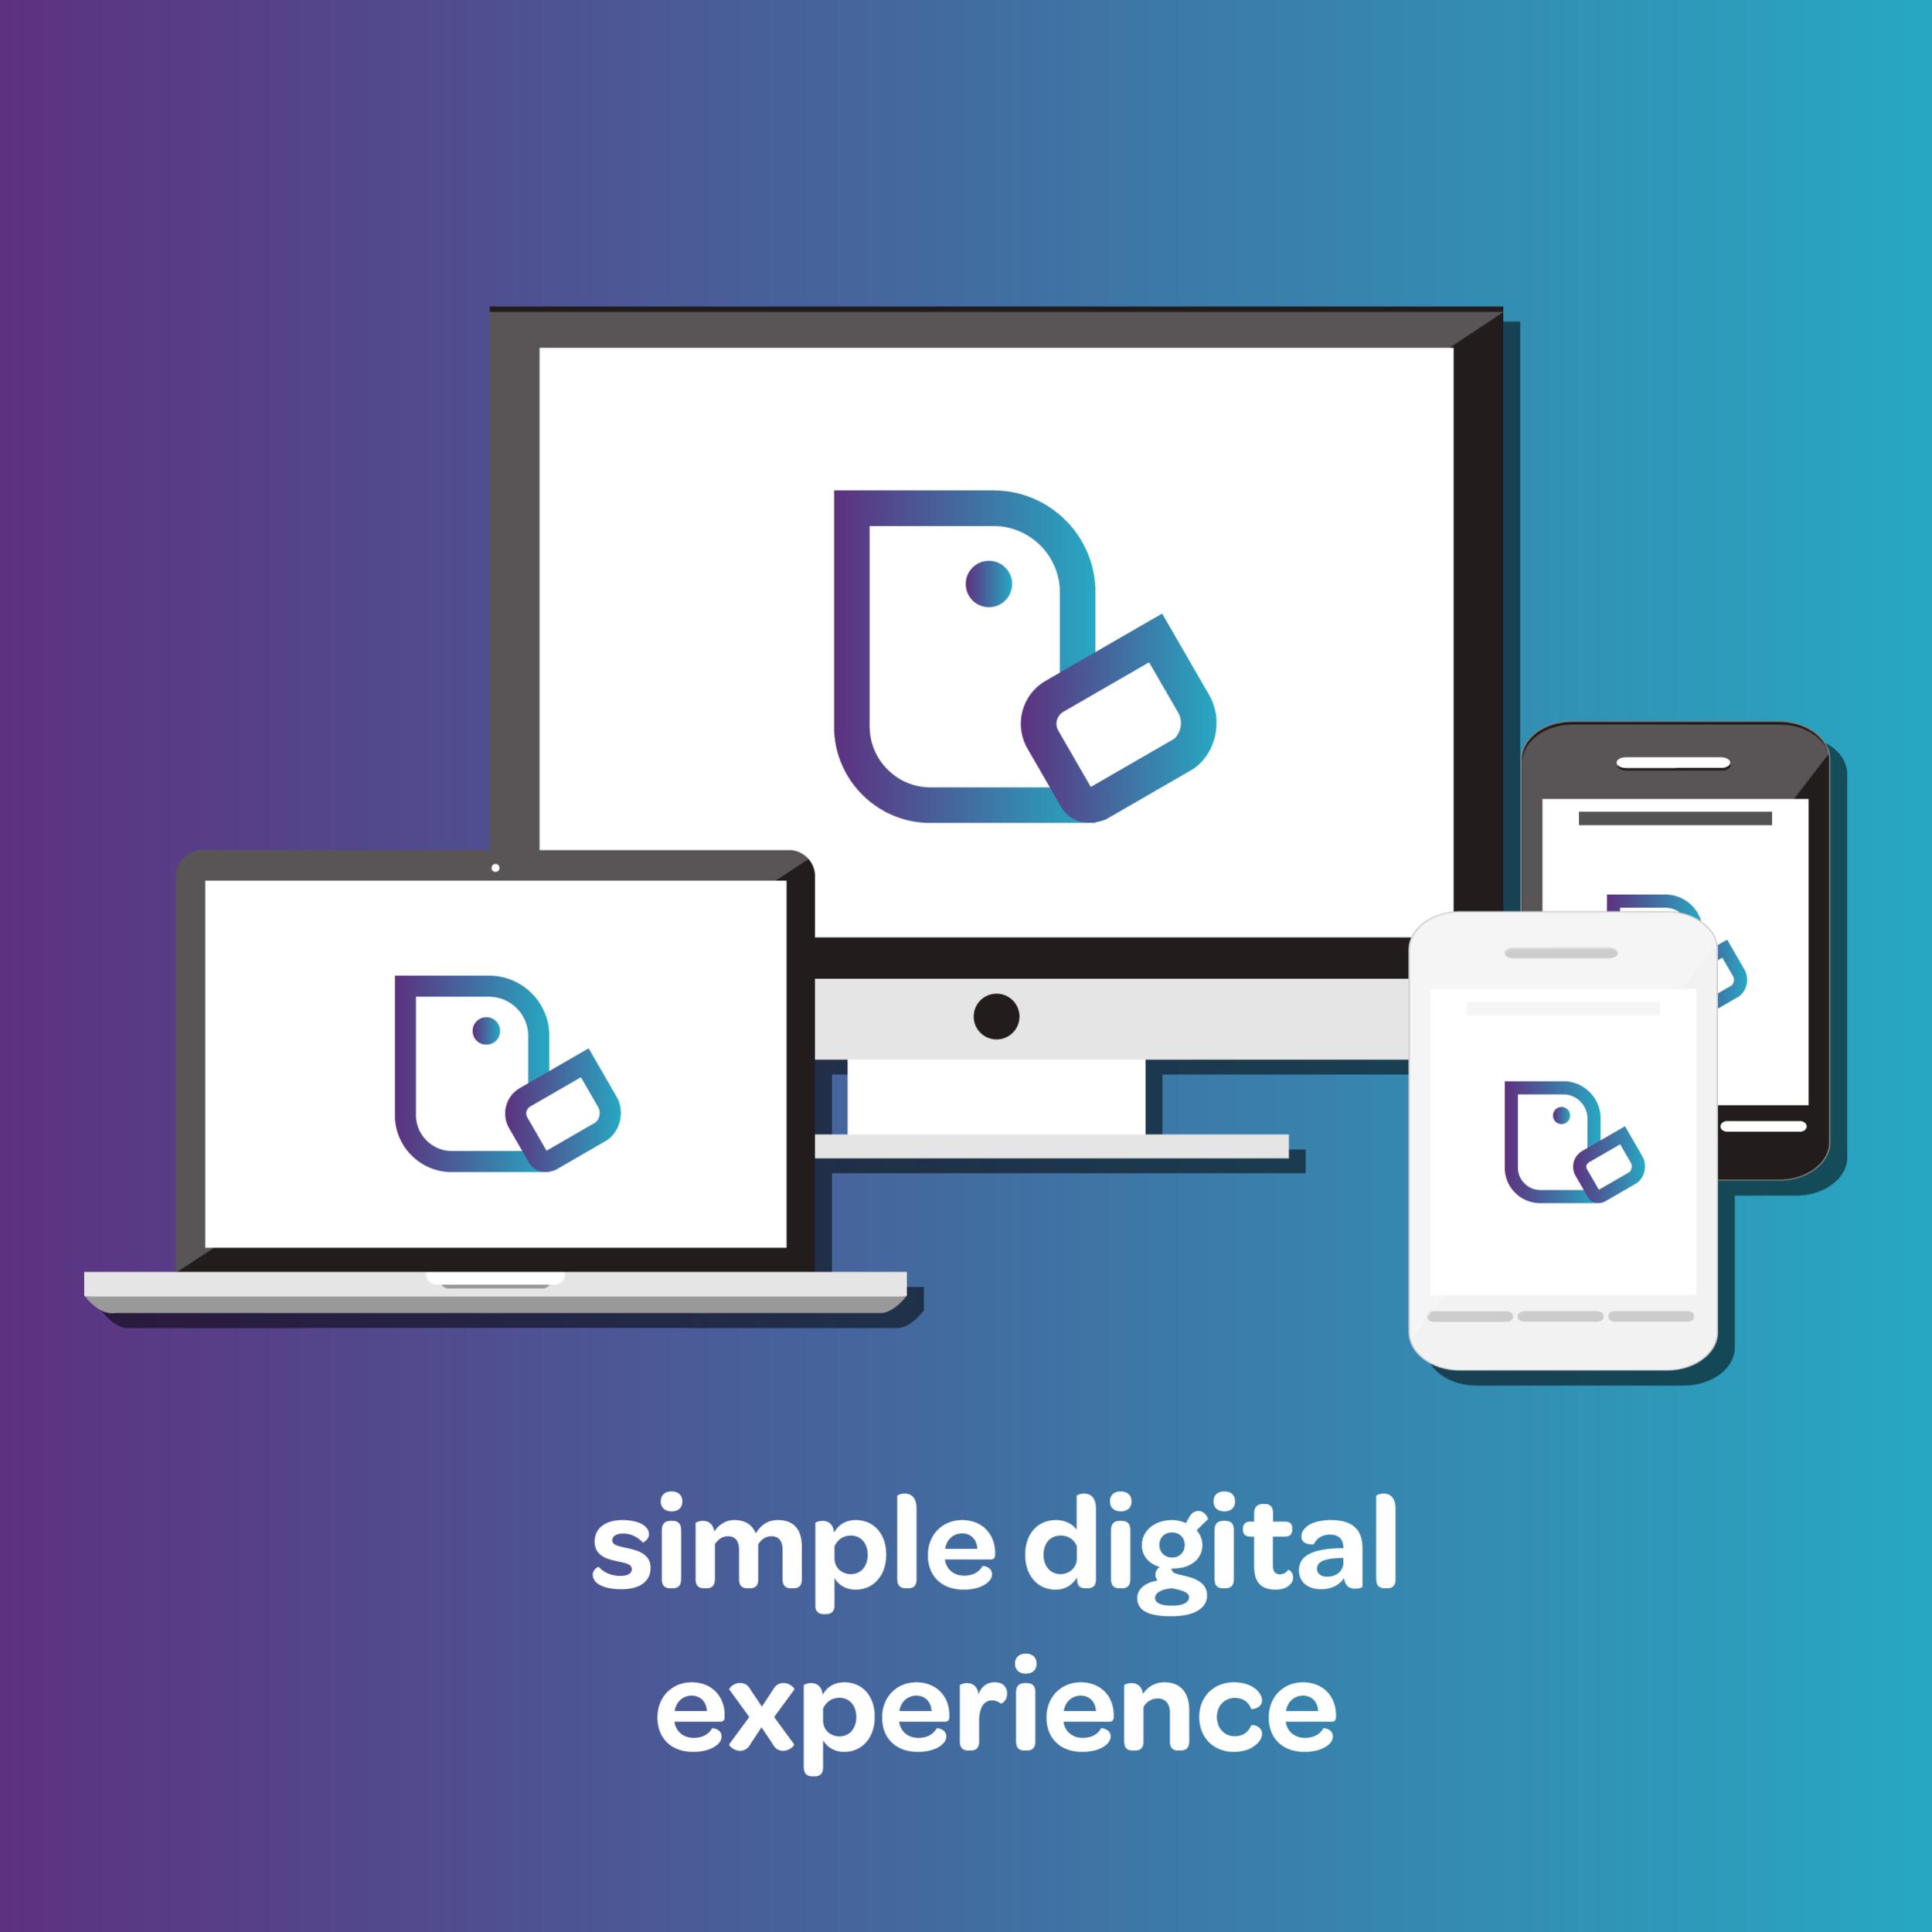 nightingale-simple-digital-experience.png